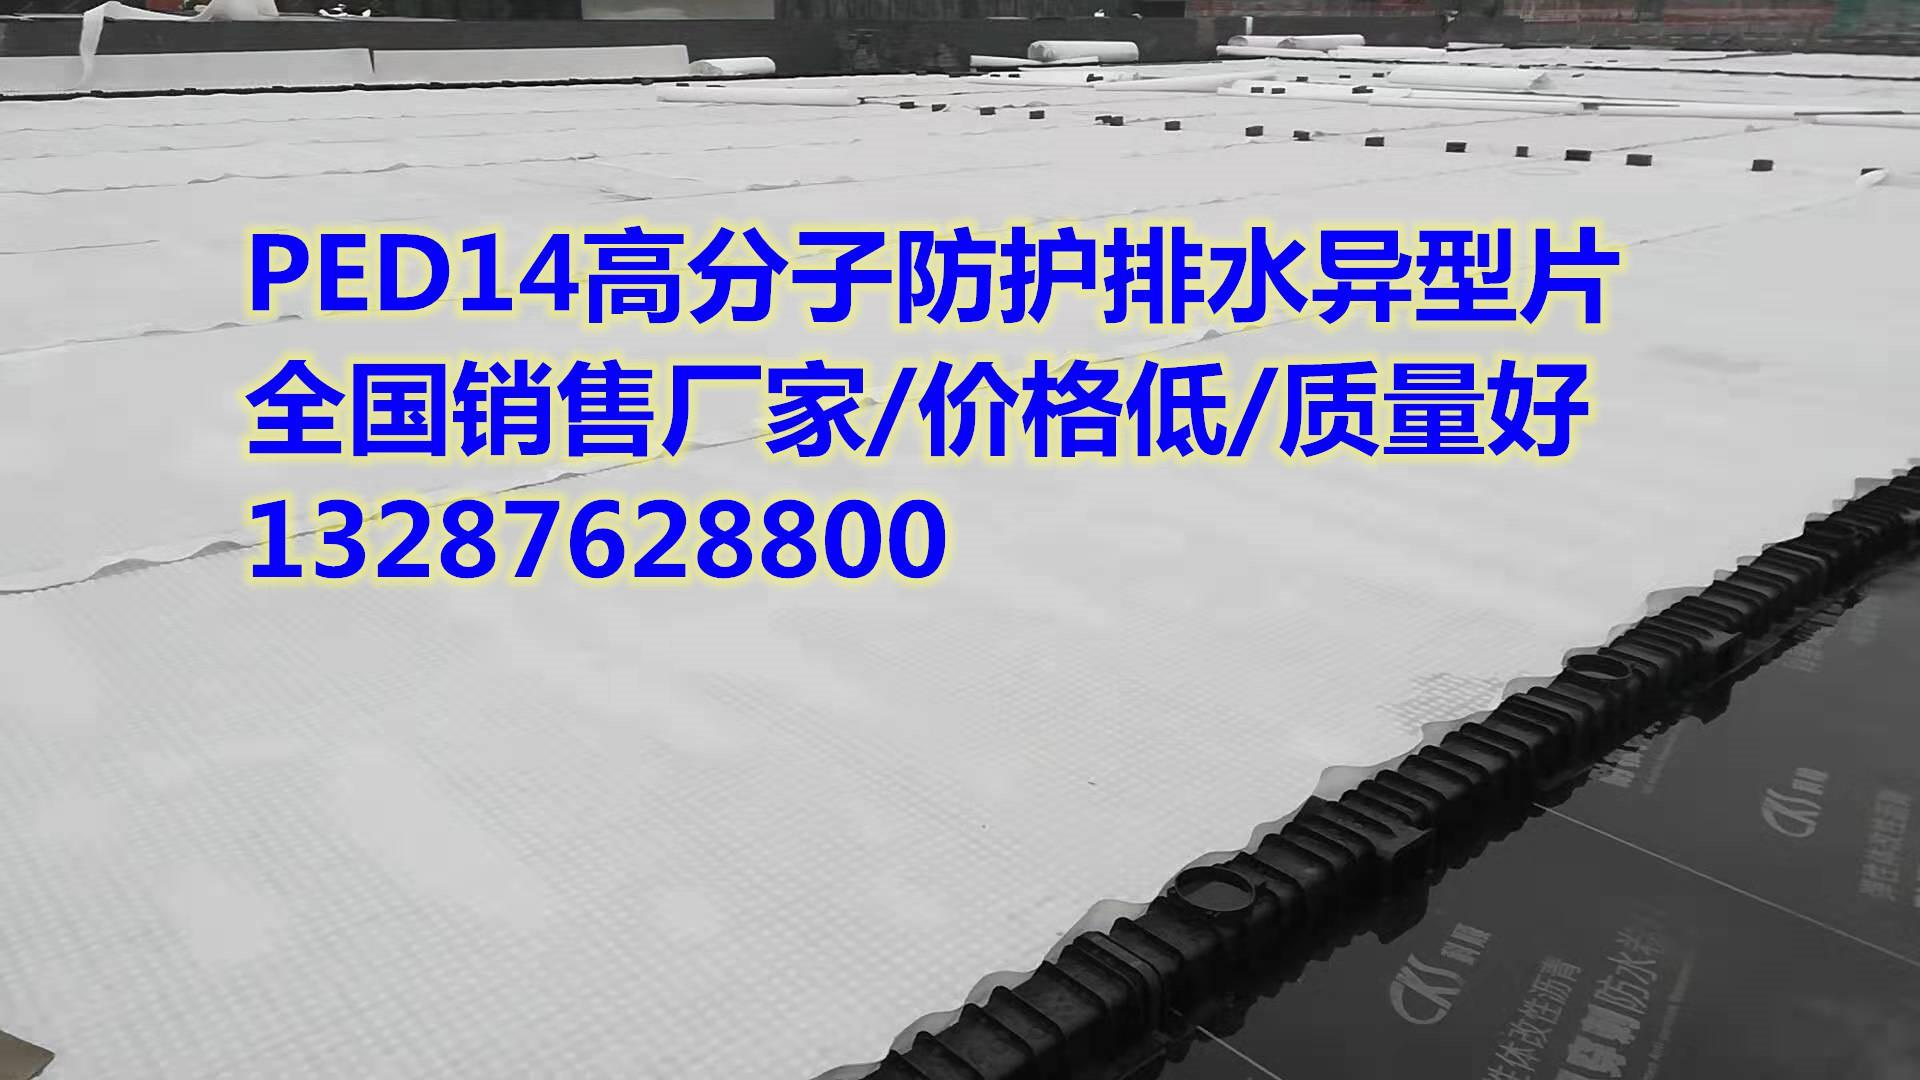 【绵阳防护排水异形板自粘土工布】(专业施工队伍)